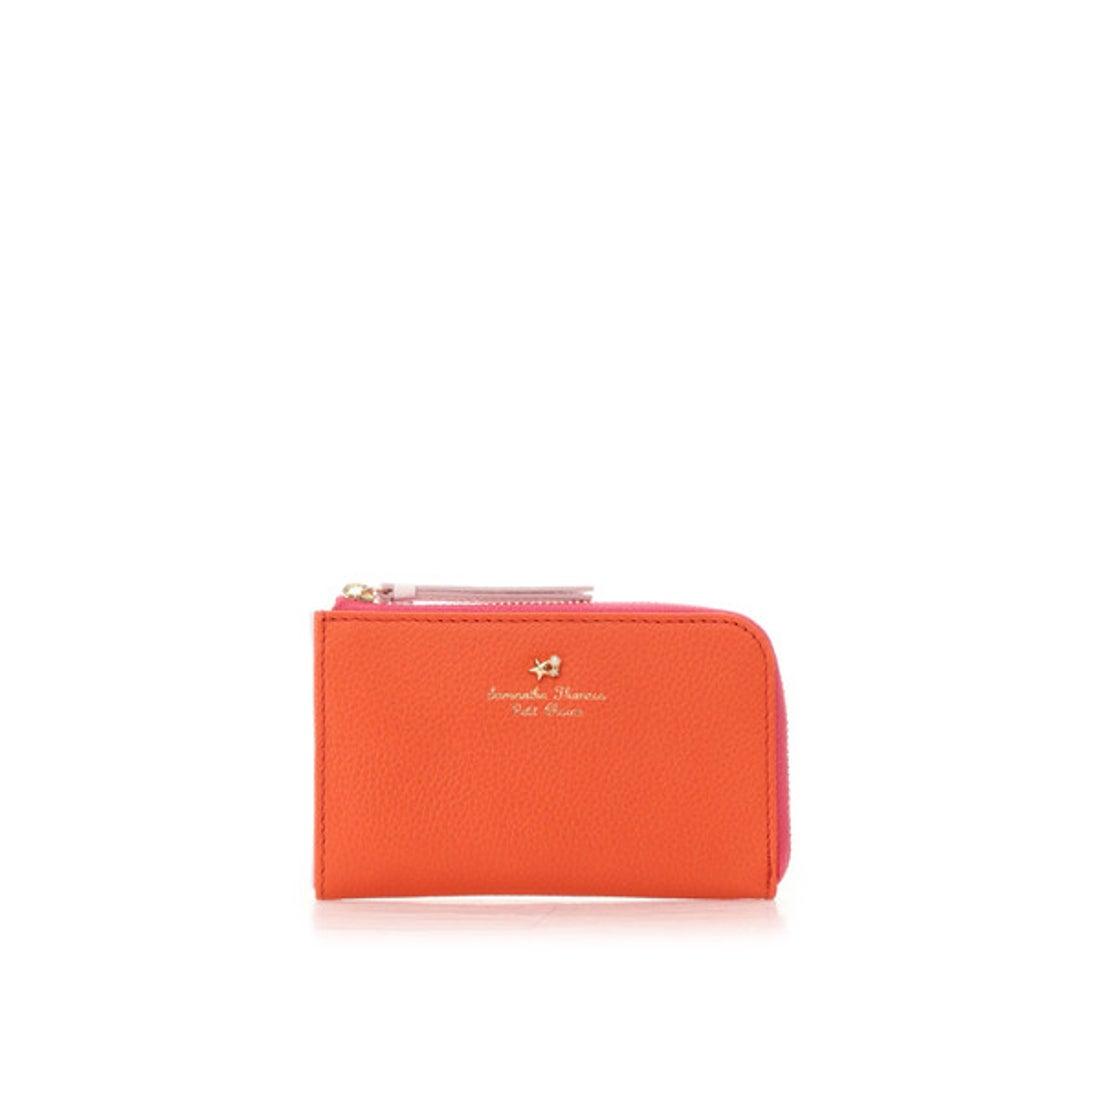 サマンサタバサプチチョイス Samantha Thavasa Petit Choice ヴィヴィッドピスカ マルチパスケース (オレンジ)